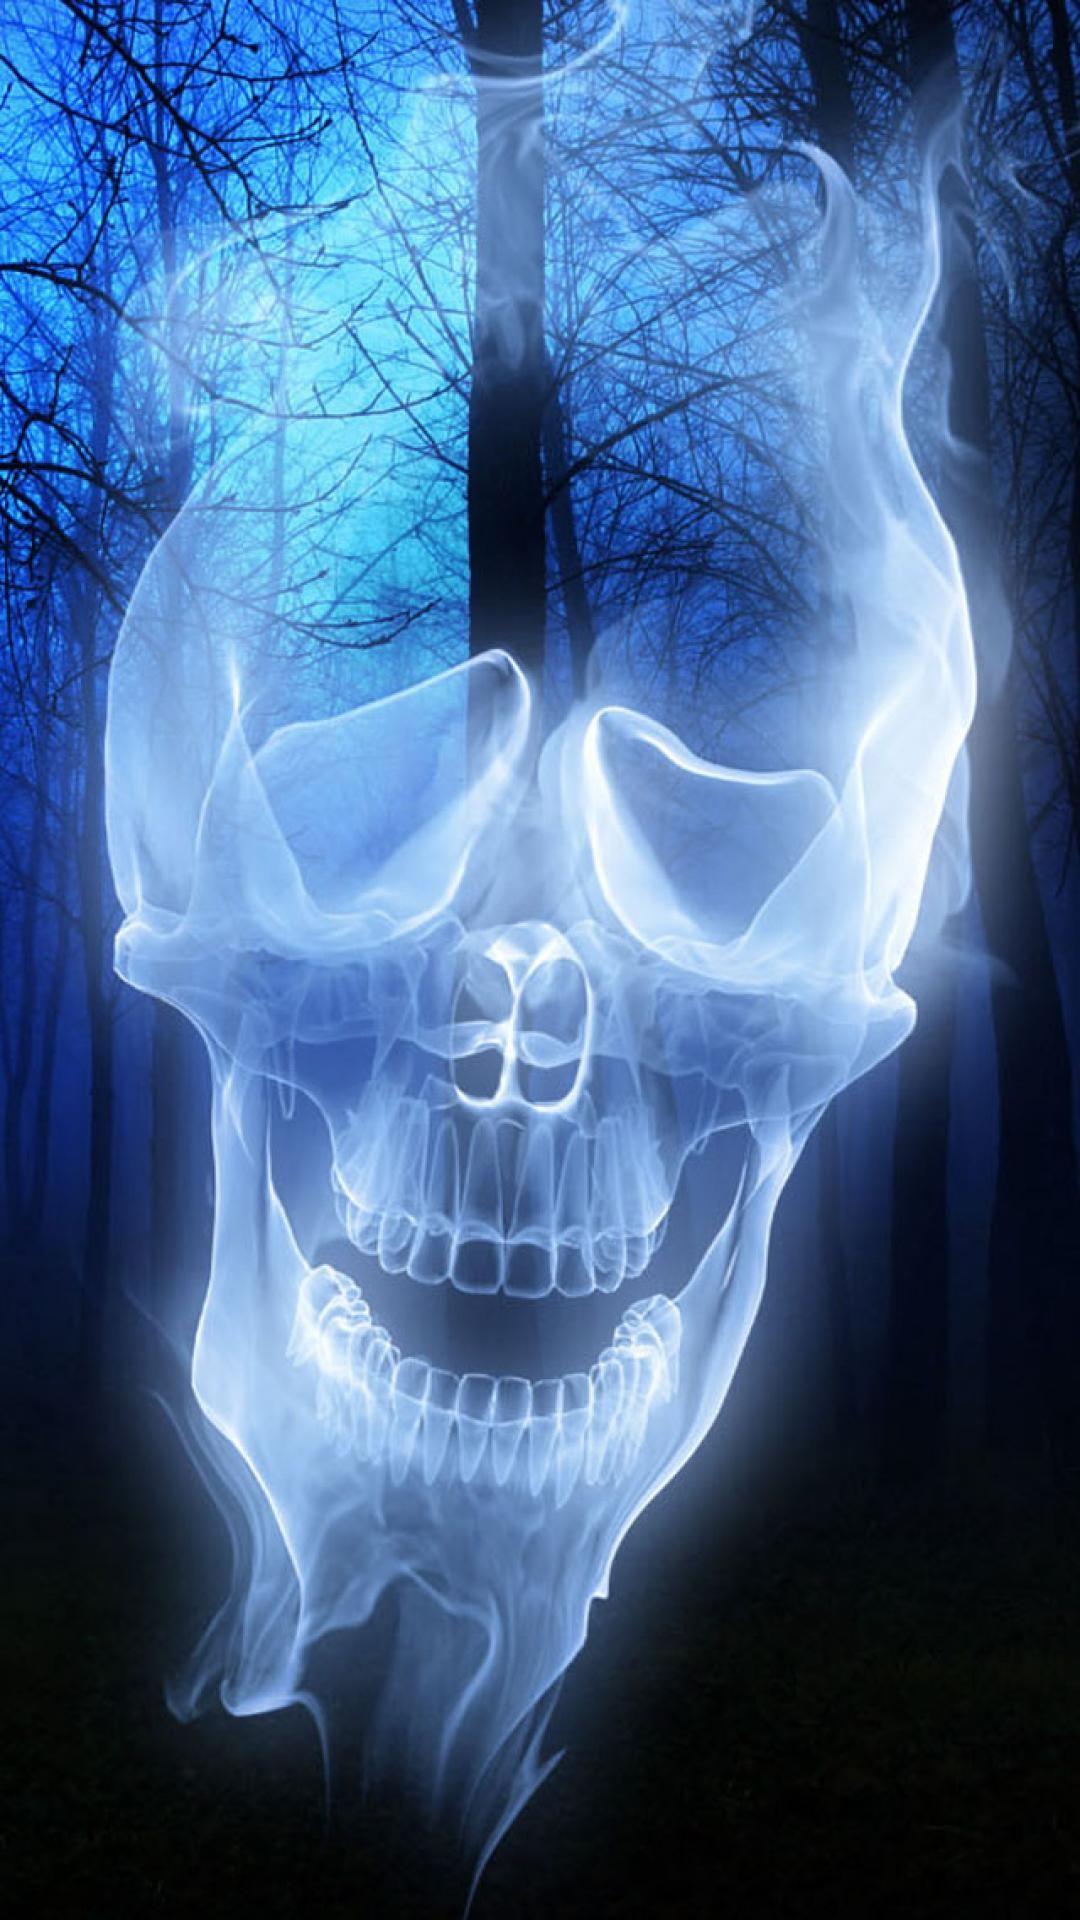 iphone 6 retina wallpaper Halloween wallpaper, Ghost